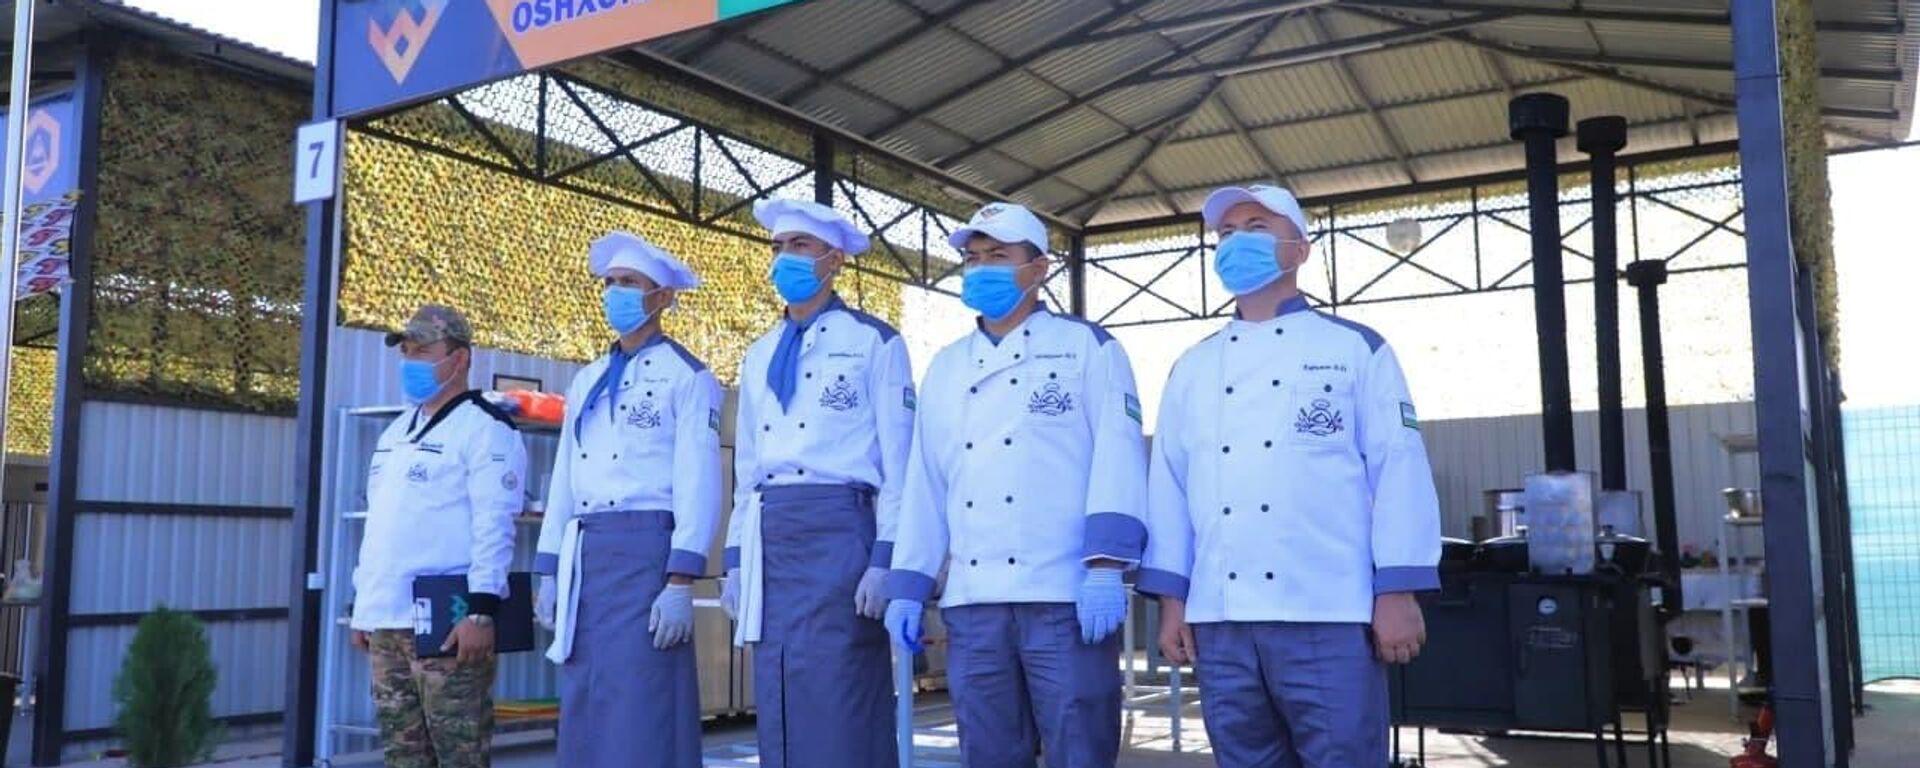 Узбекские военные успешно прошли первый этап конкурса Полевая кухня - АрМИ-2021 - Sputnik Ўзбекистон, 1920, 26.08.2021